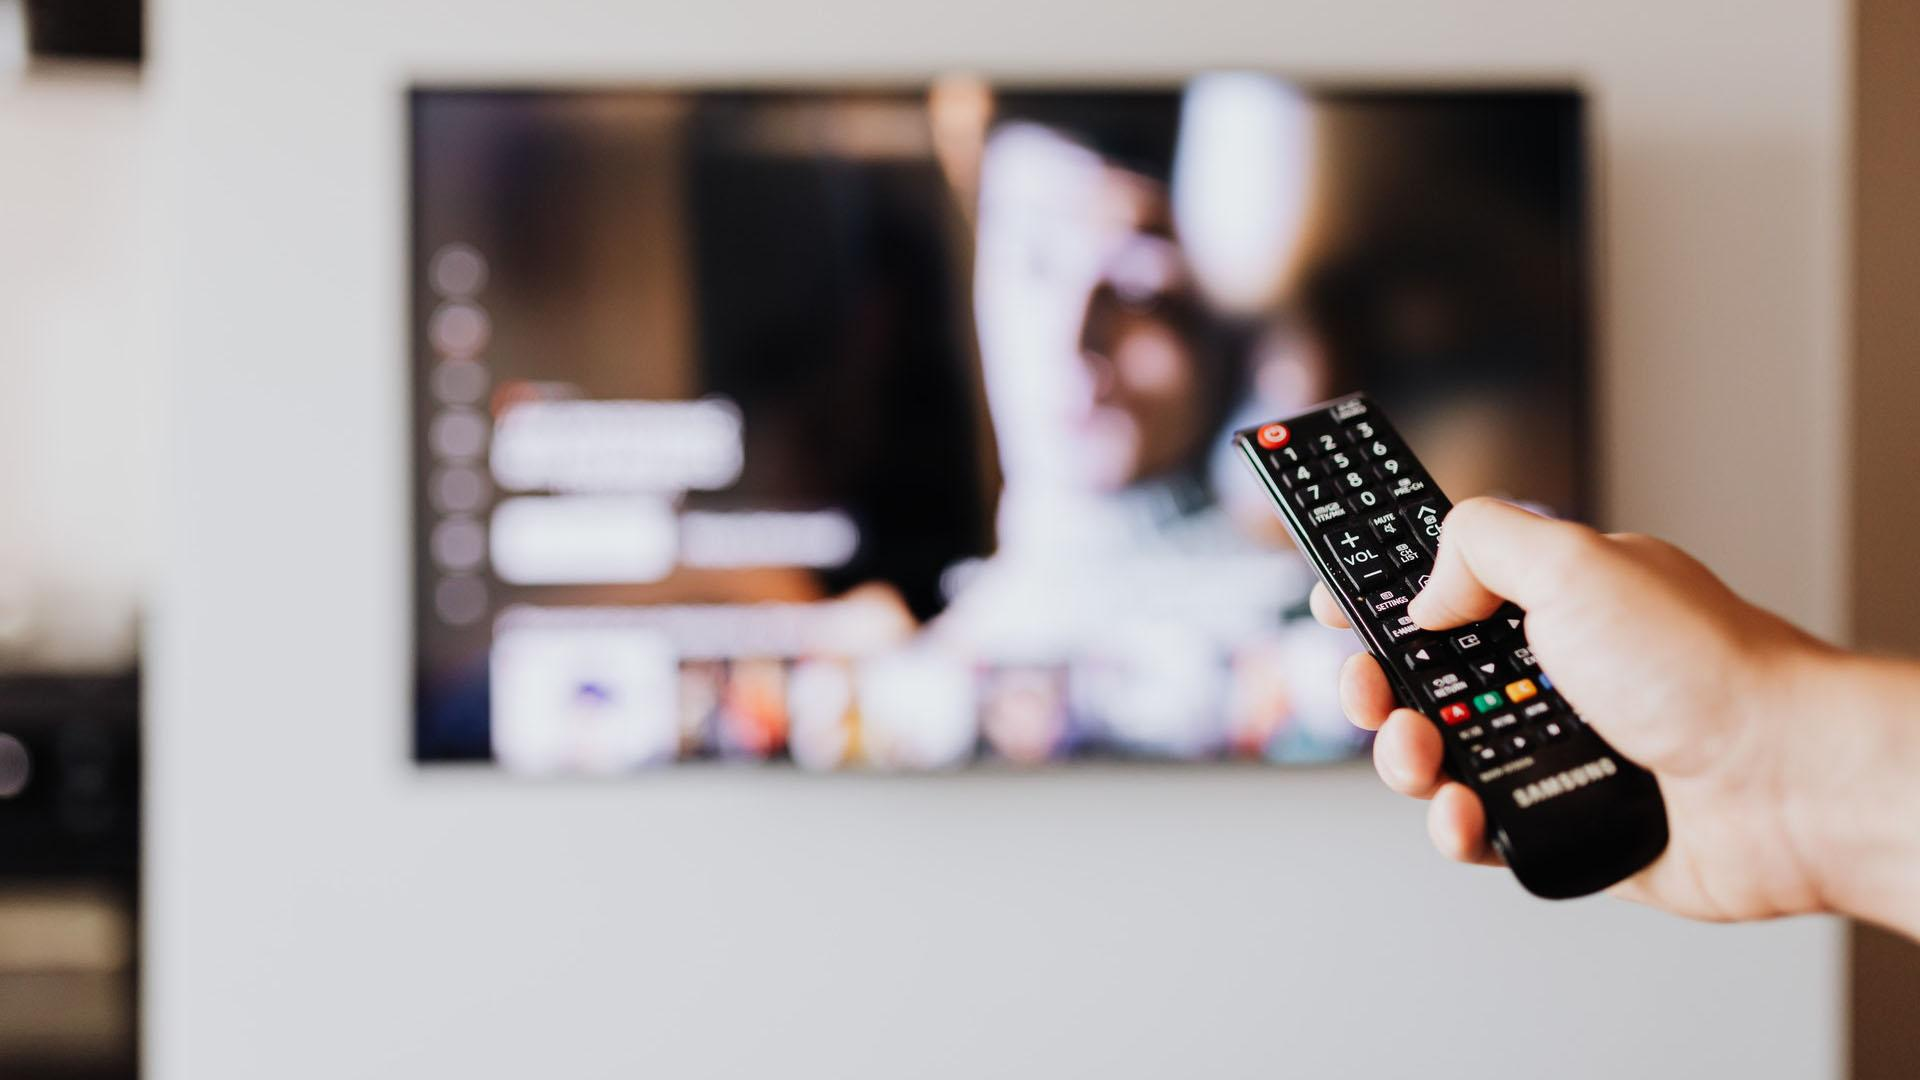 Auch Waipu oder Zattoo bieten einen kostenlosen TV-Streaming-Plan an, ebenso wie den ersten Monat kostenlos mit ihren bezahlten Paketen.